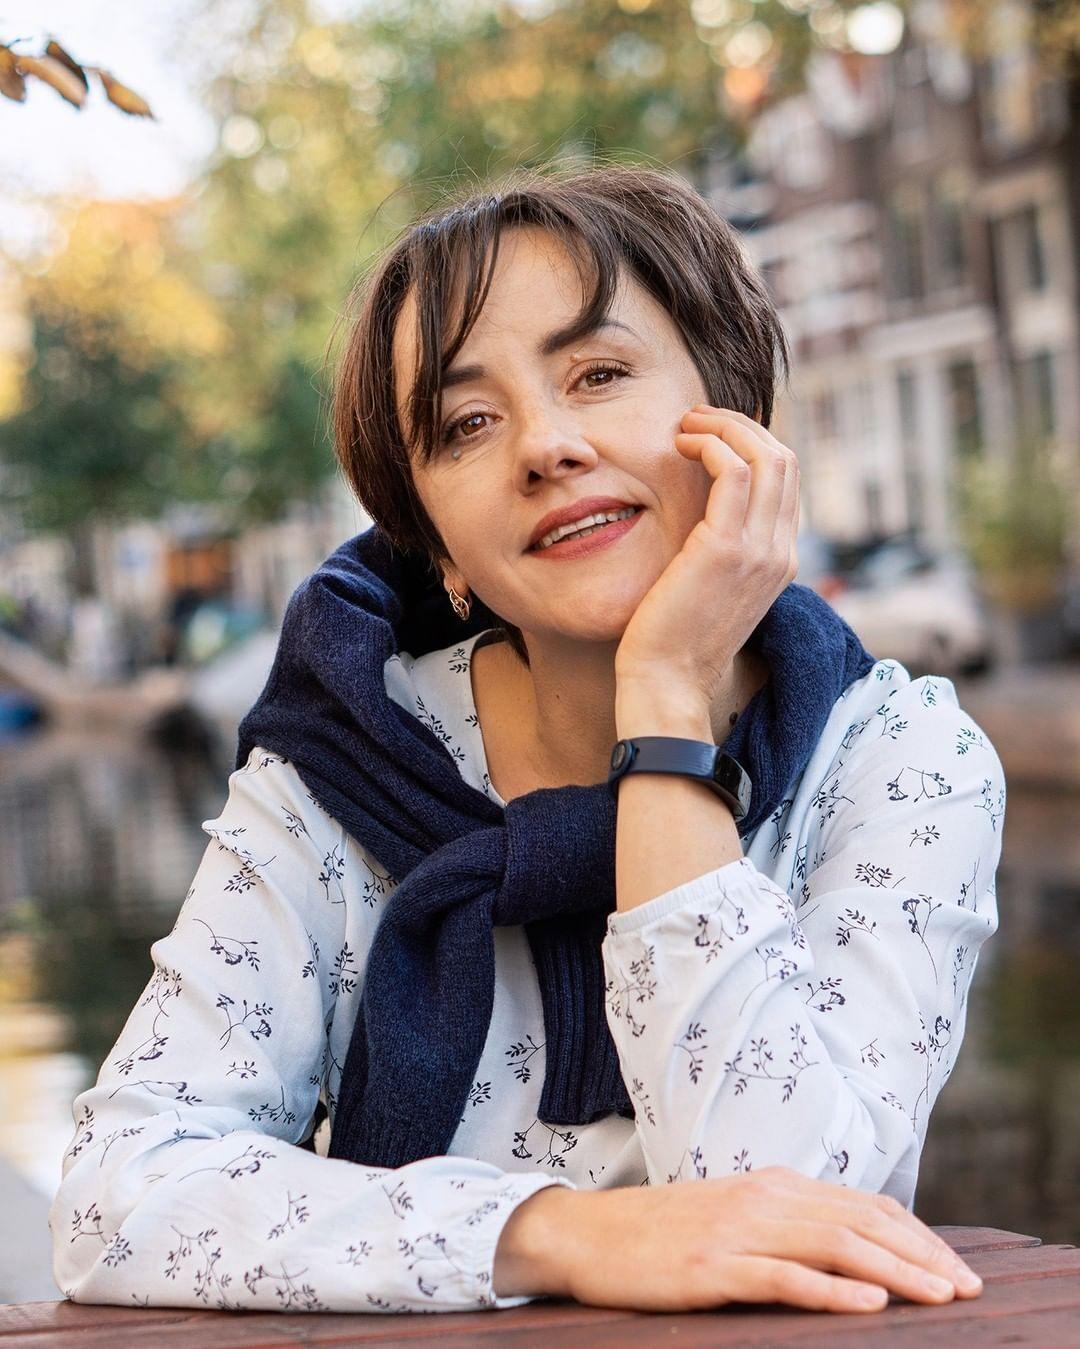 Емігрантка розповіла, як переїхала жити до Нідерландів із чоловіком